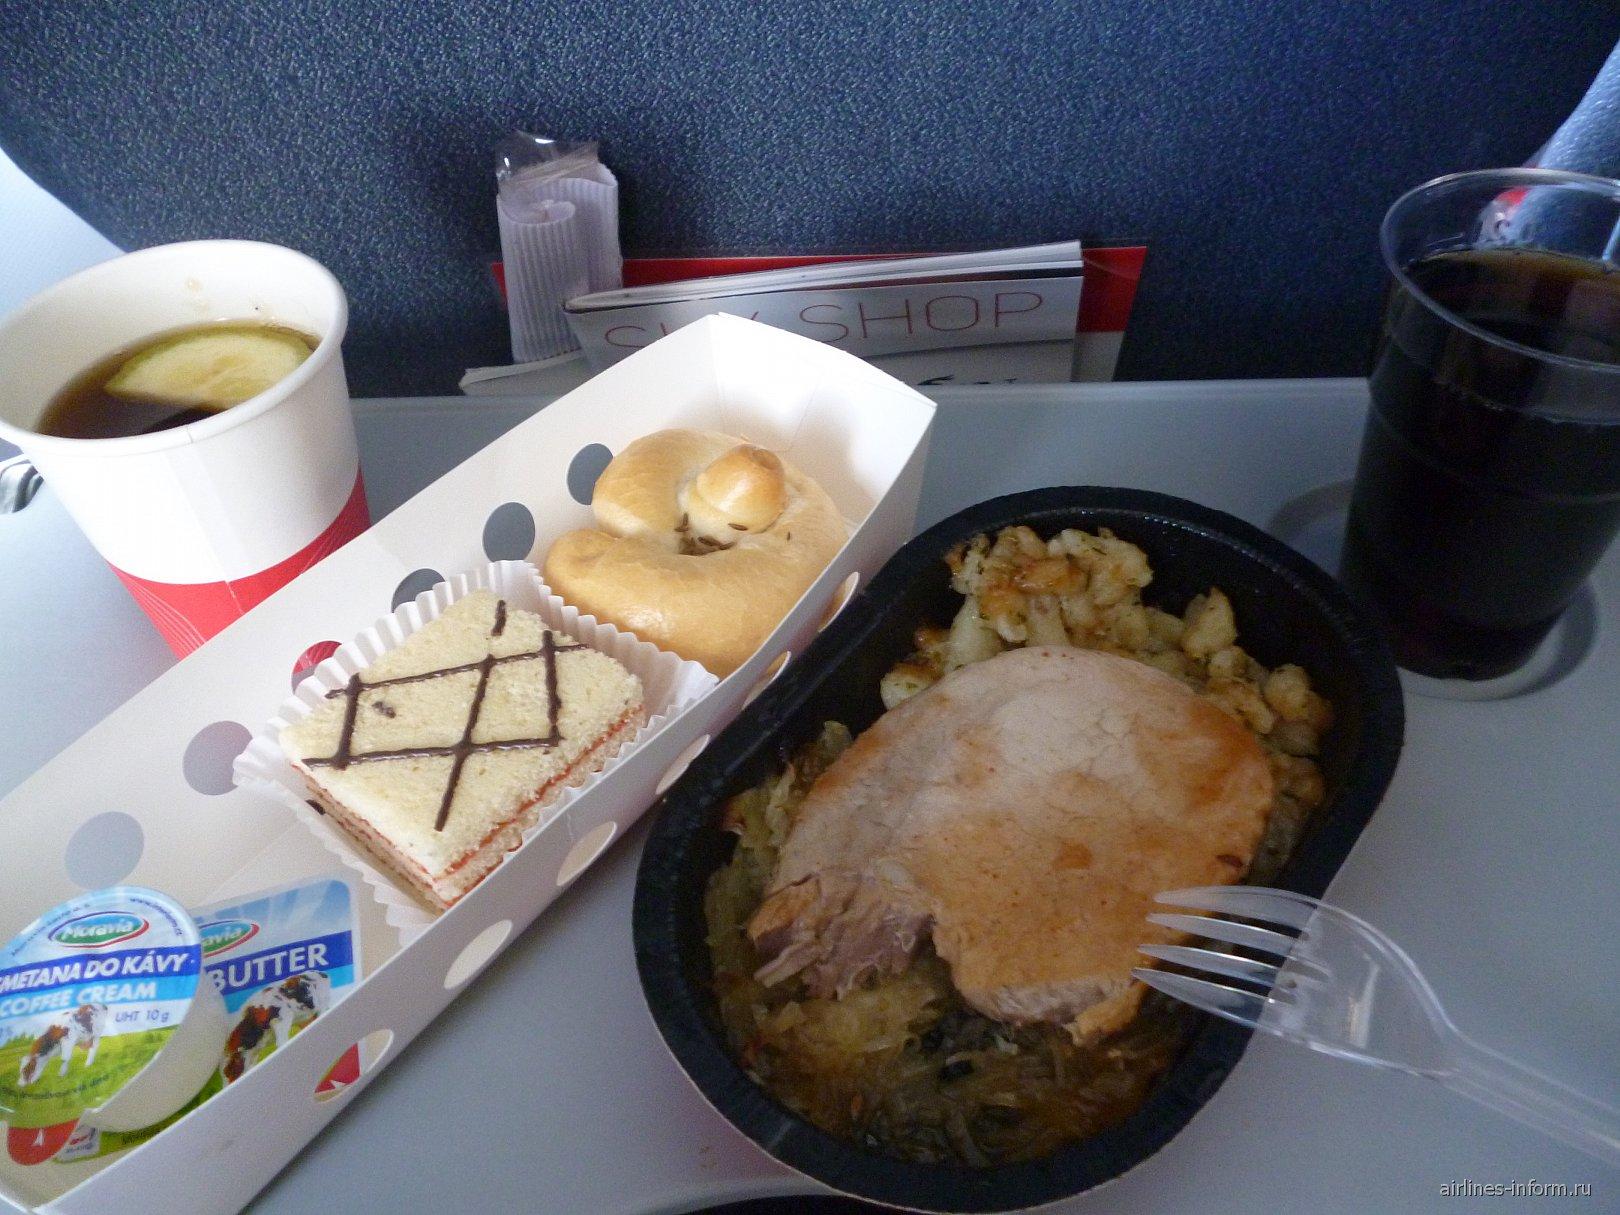 Питание на рейсе Москва-Прага авиакомпаинии Чешских авиалиний